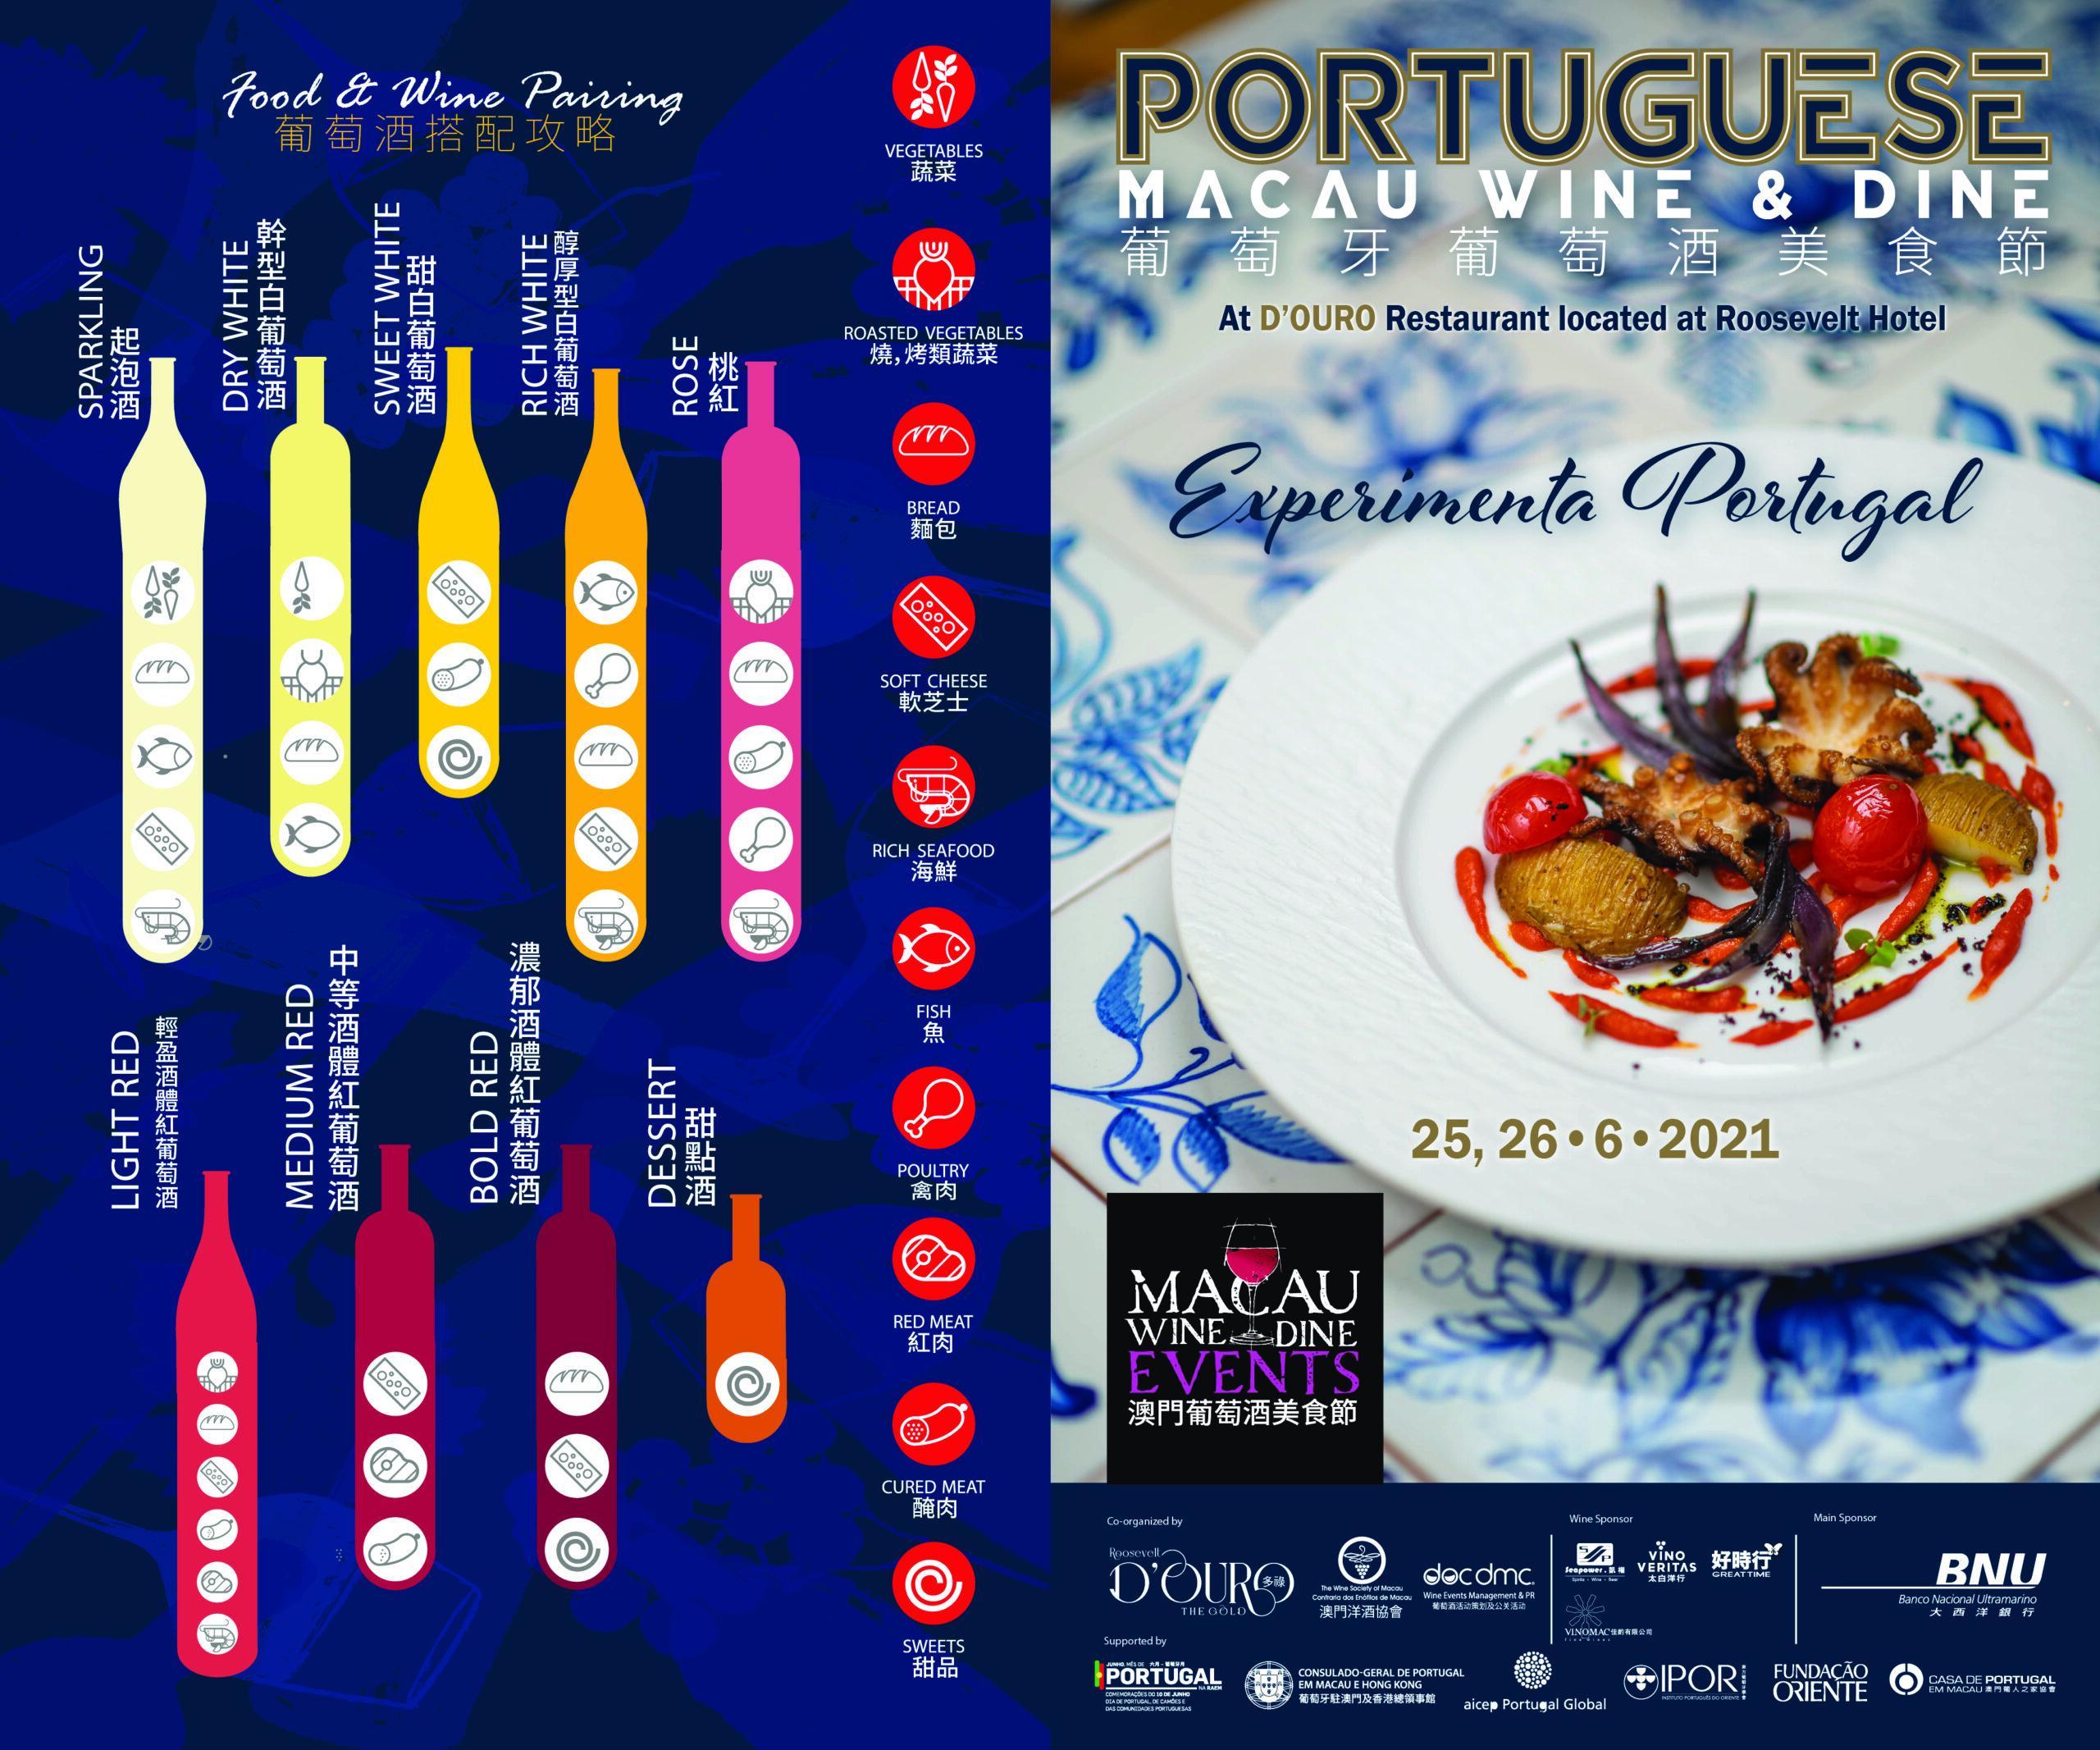 Portuguese Wine & Dine 2021